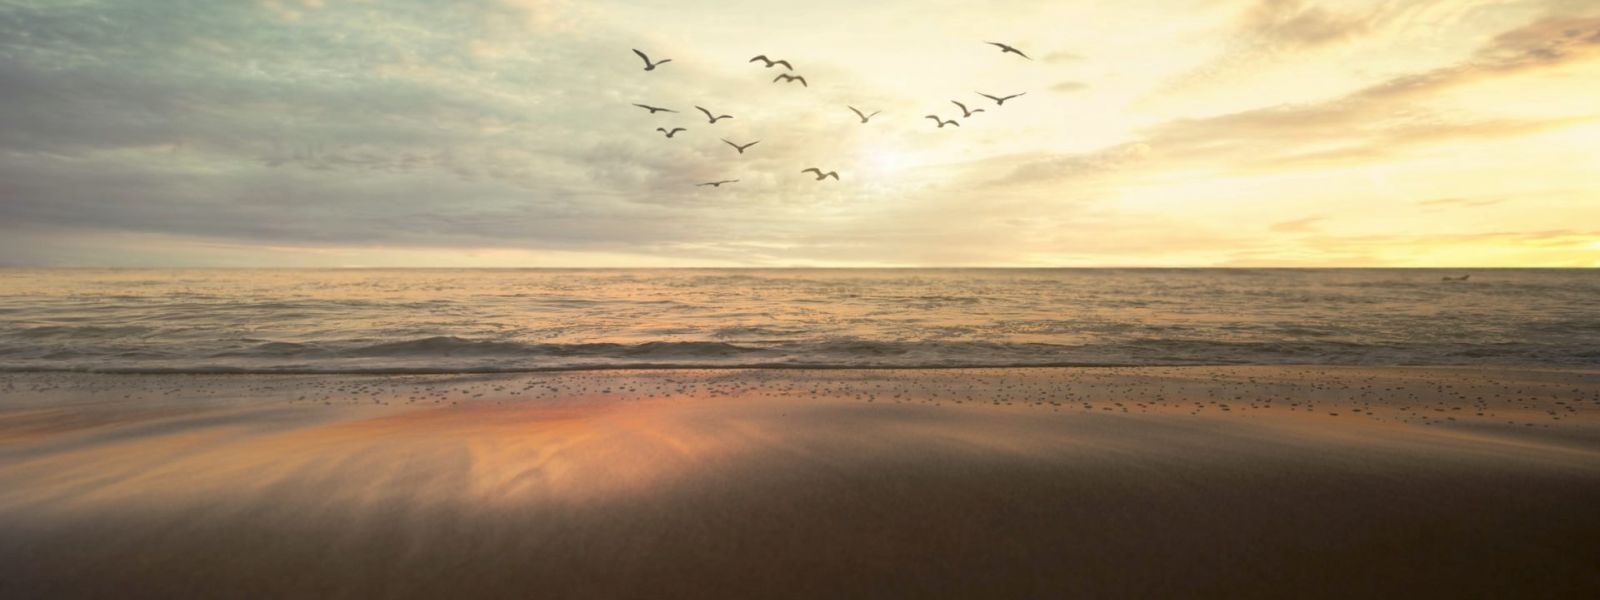 Des oiseaux survolant la mer